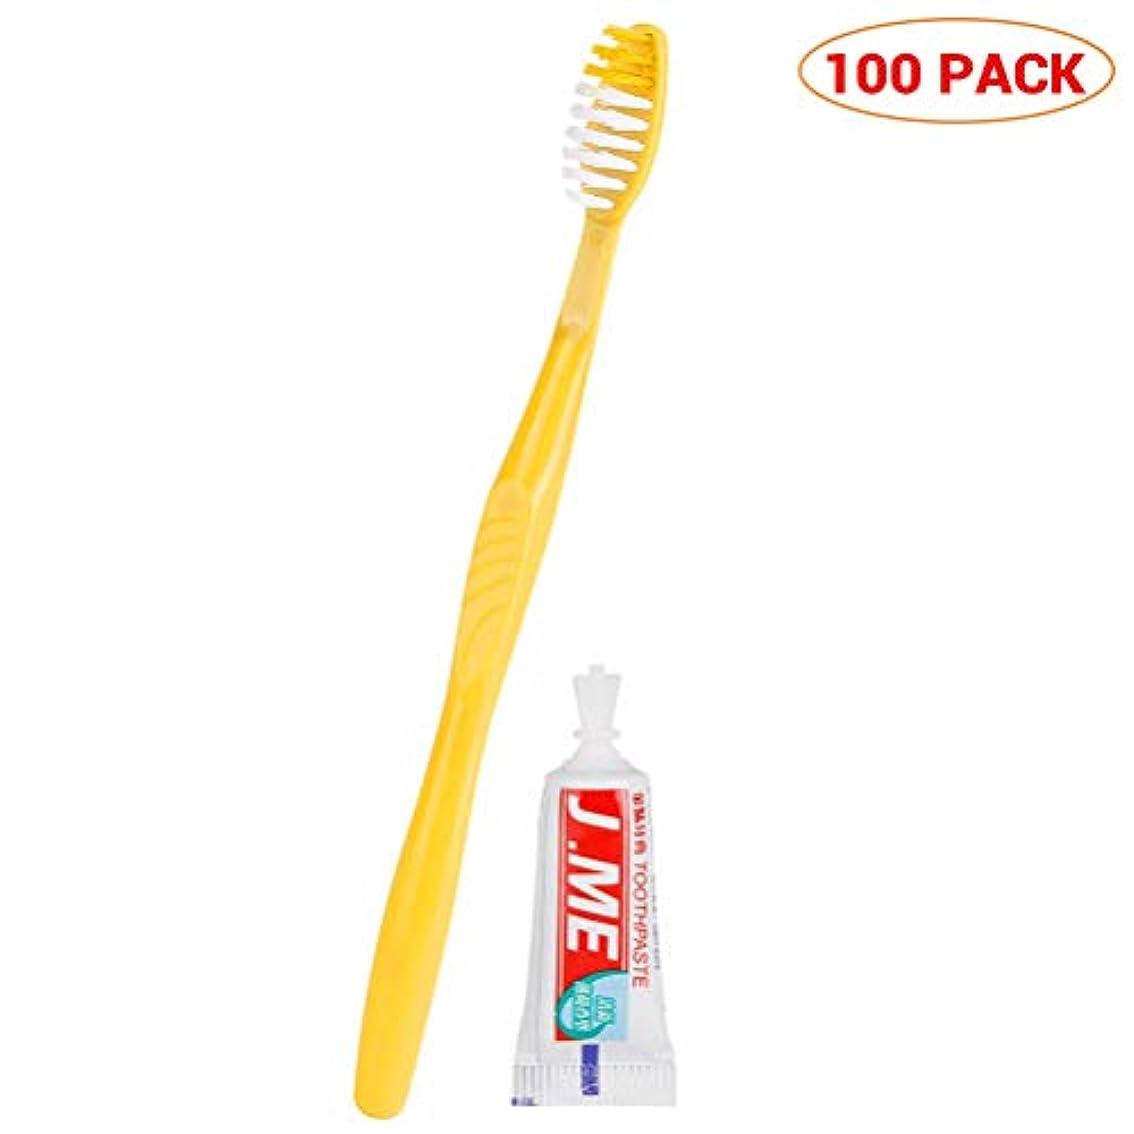 過激派シロナガスクジラ電圧URHOMY 100セット歯磨き粉セットポータブル歯磨きキット付き使い捨て歯ブラシ